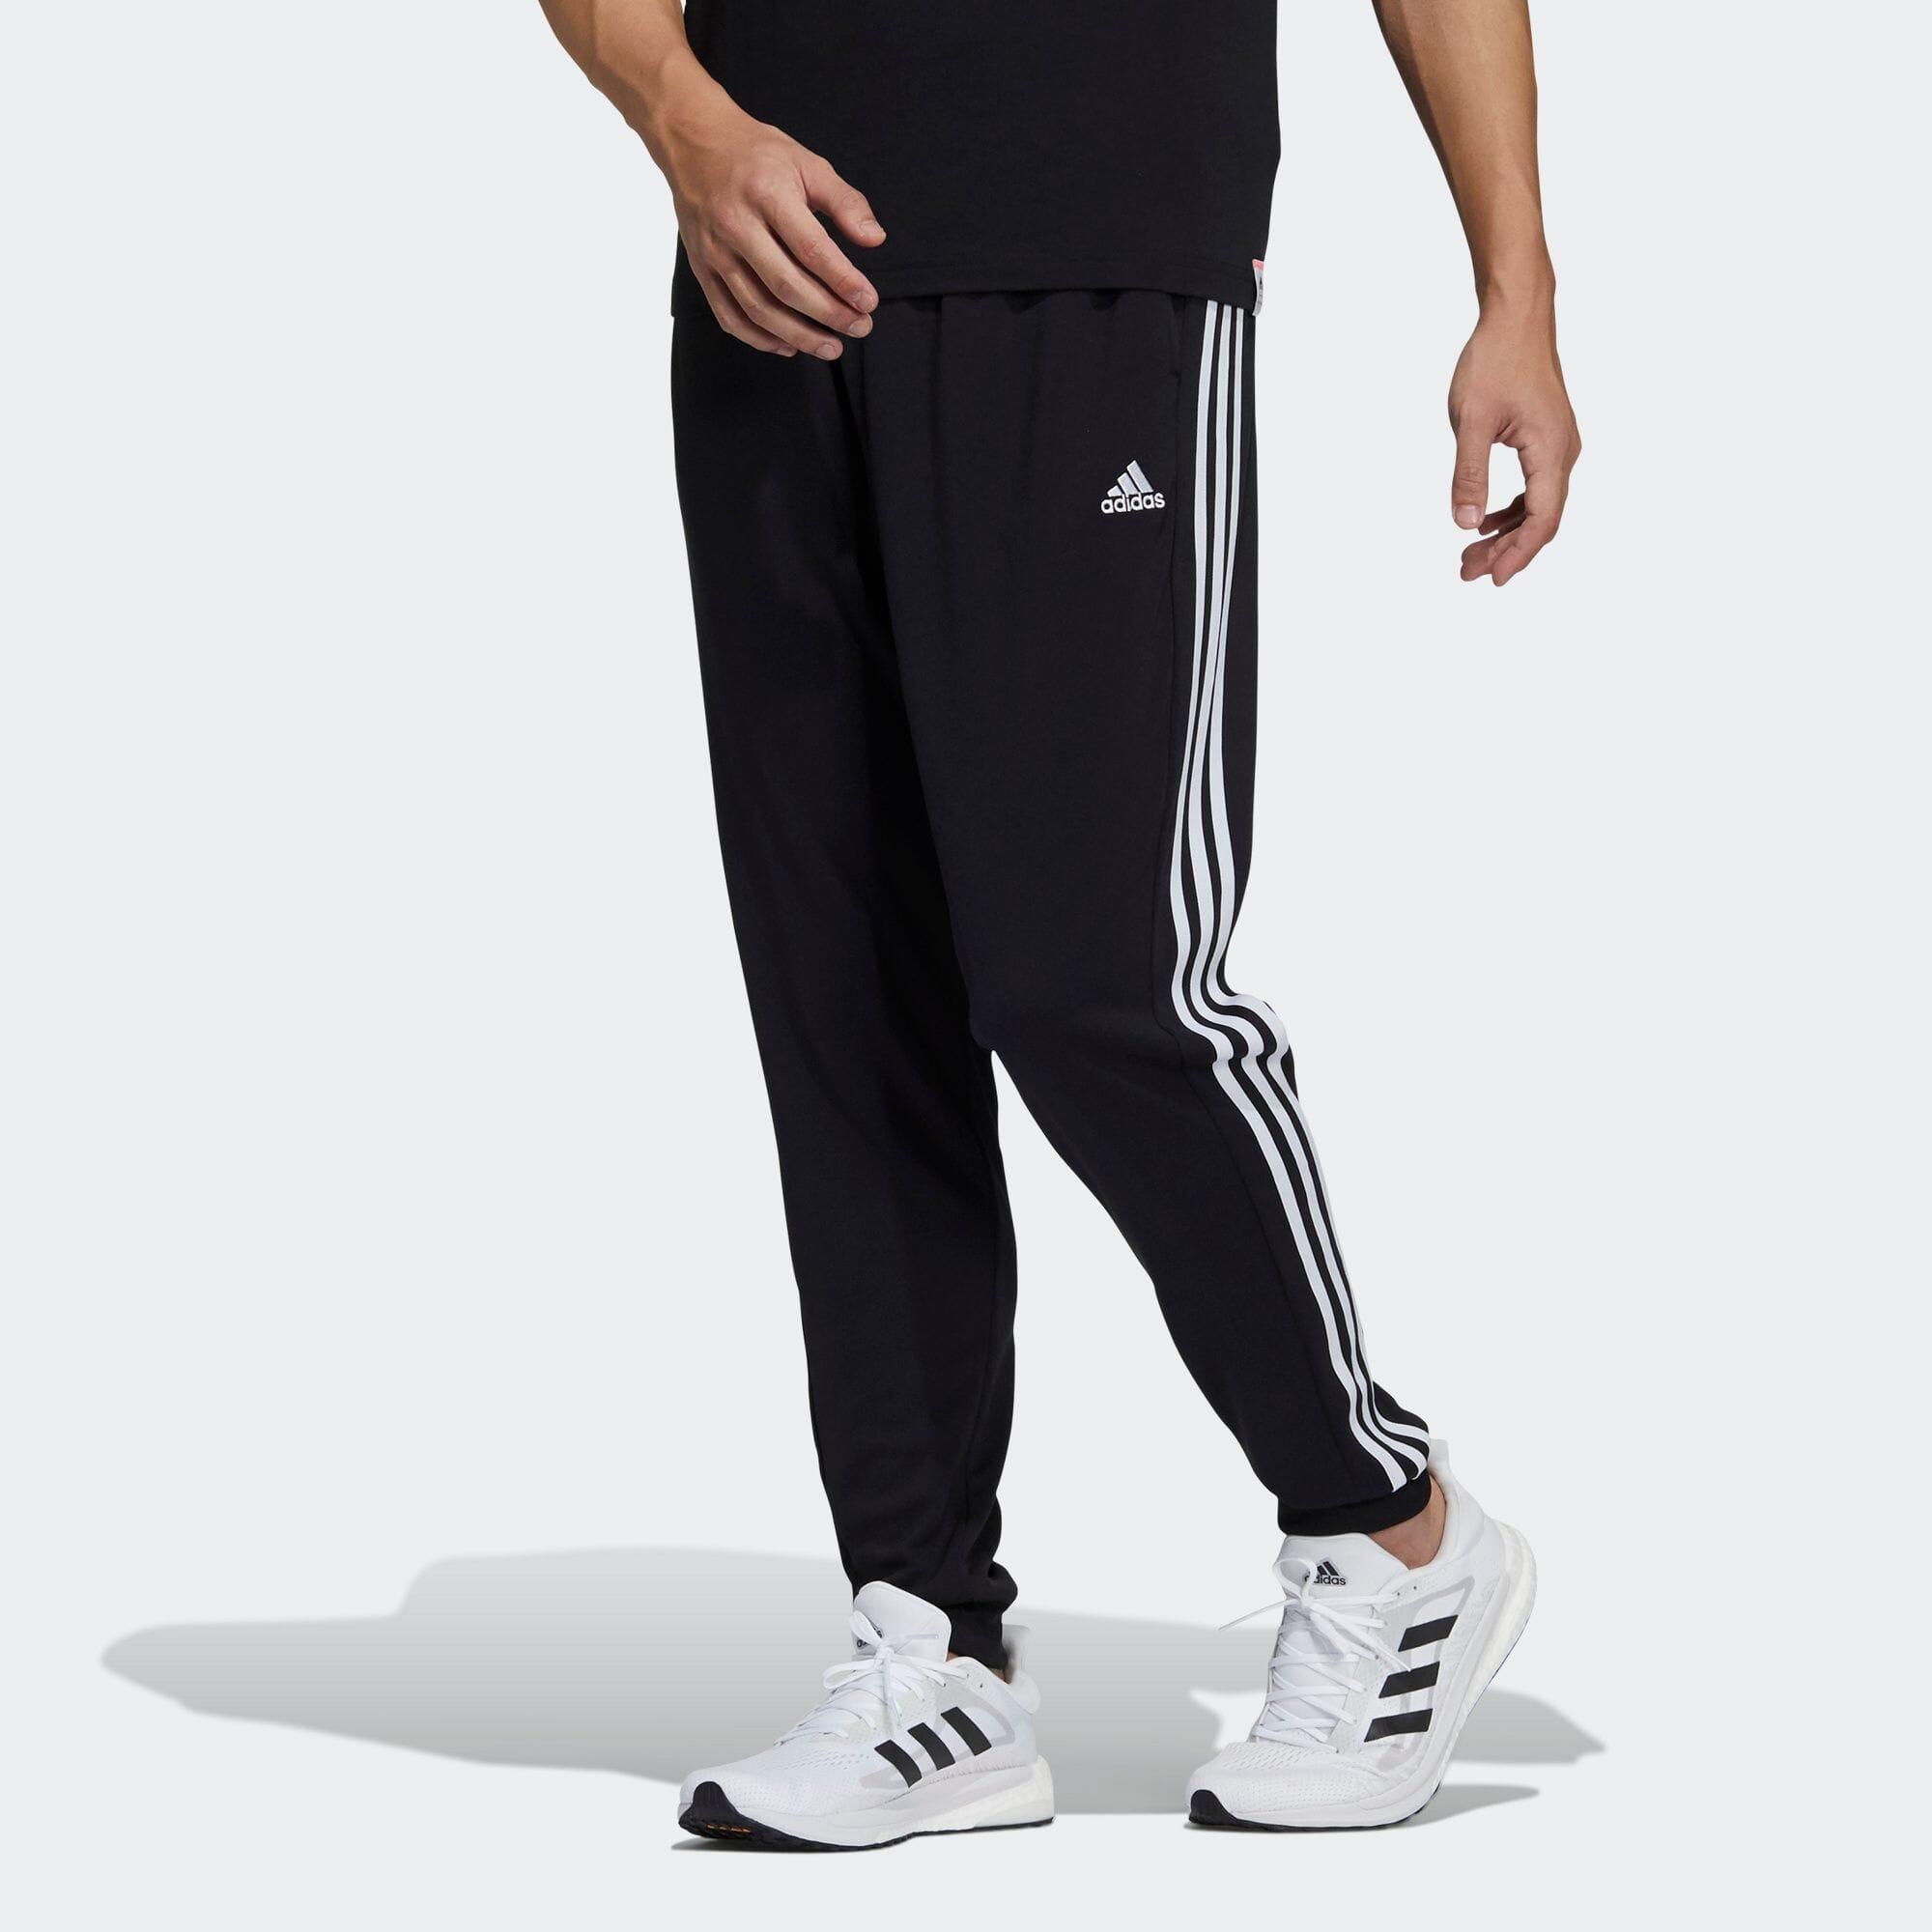 マストハブ 3ストライプス ウォームアップ ジョガーパンツ / Must Haves 3-Stripes Warm Up Jogger Pants